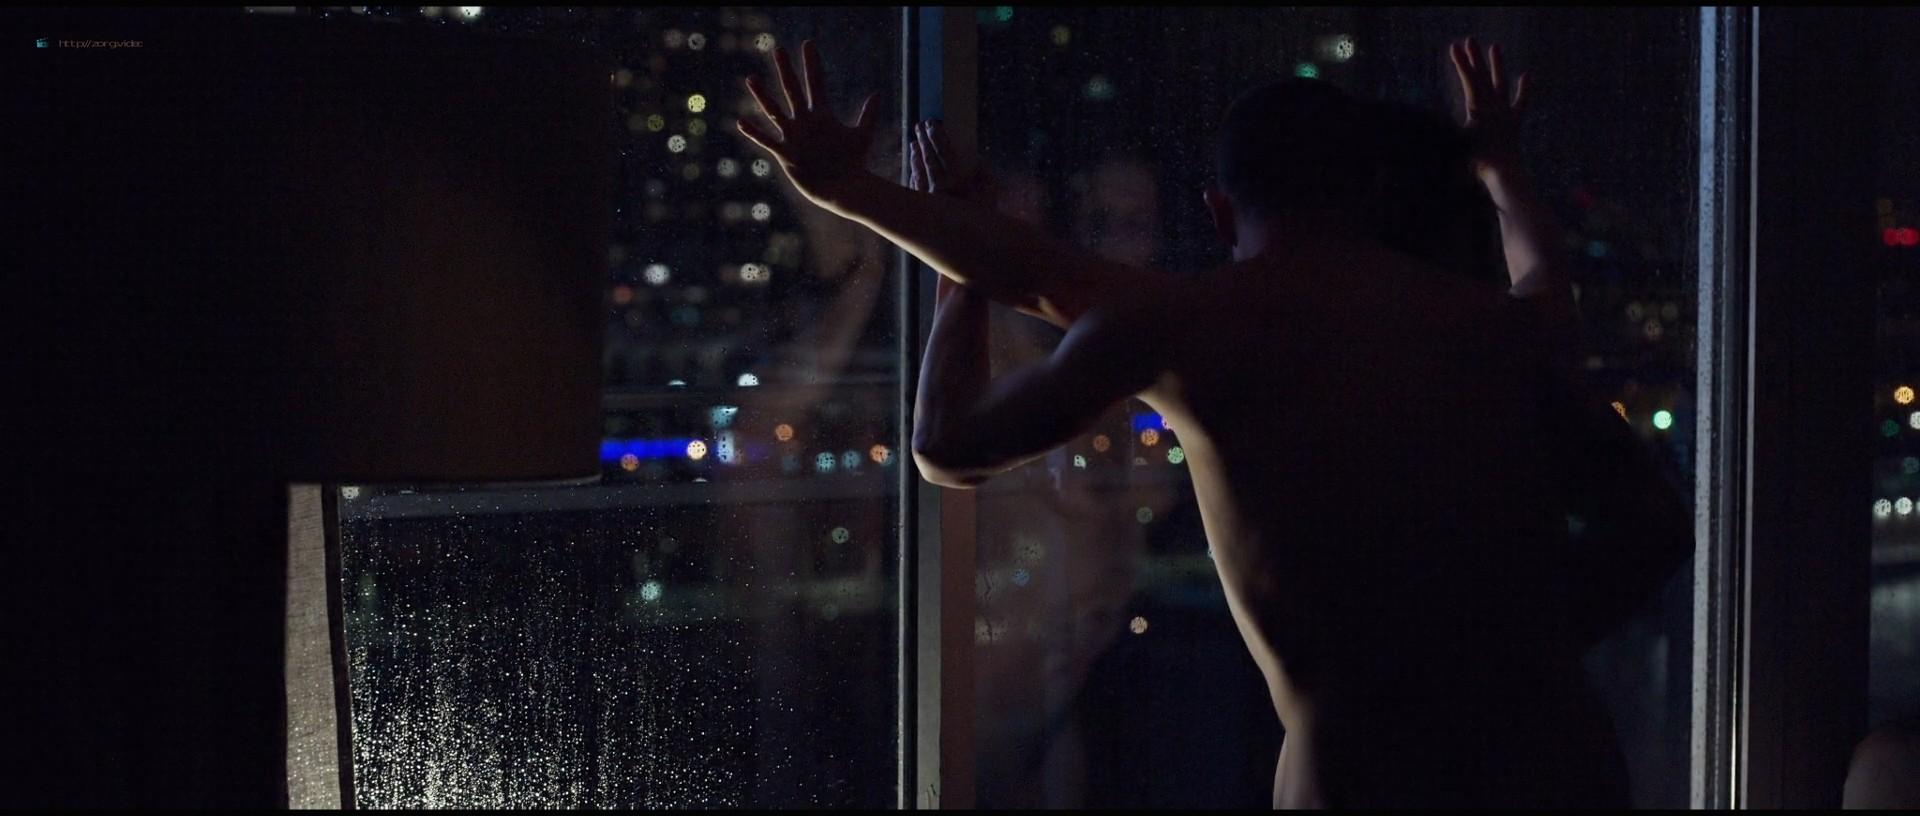 Juliette Binoche nude hot sex - Celle que vous croyez (FR-2019) 1080p BluRay (10)